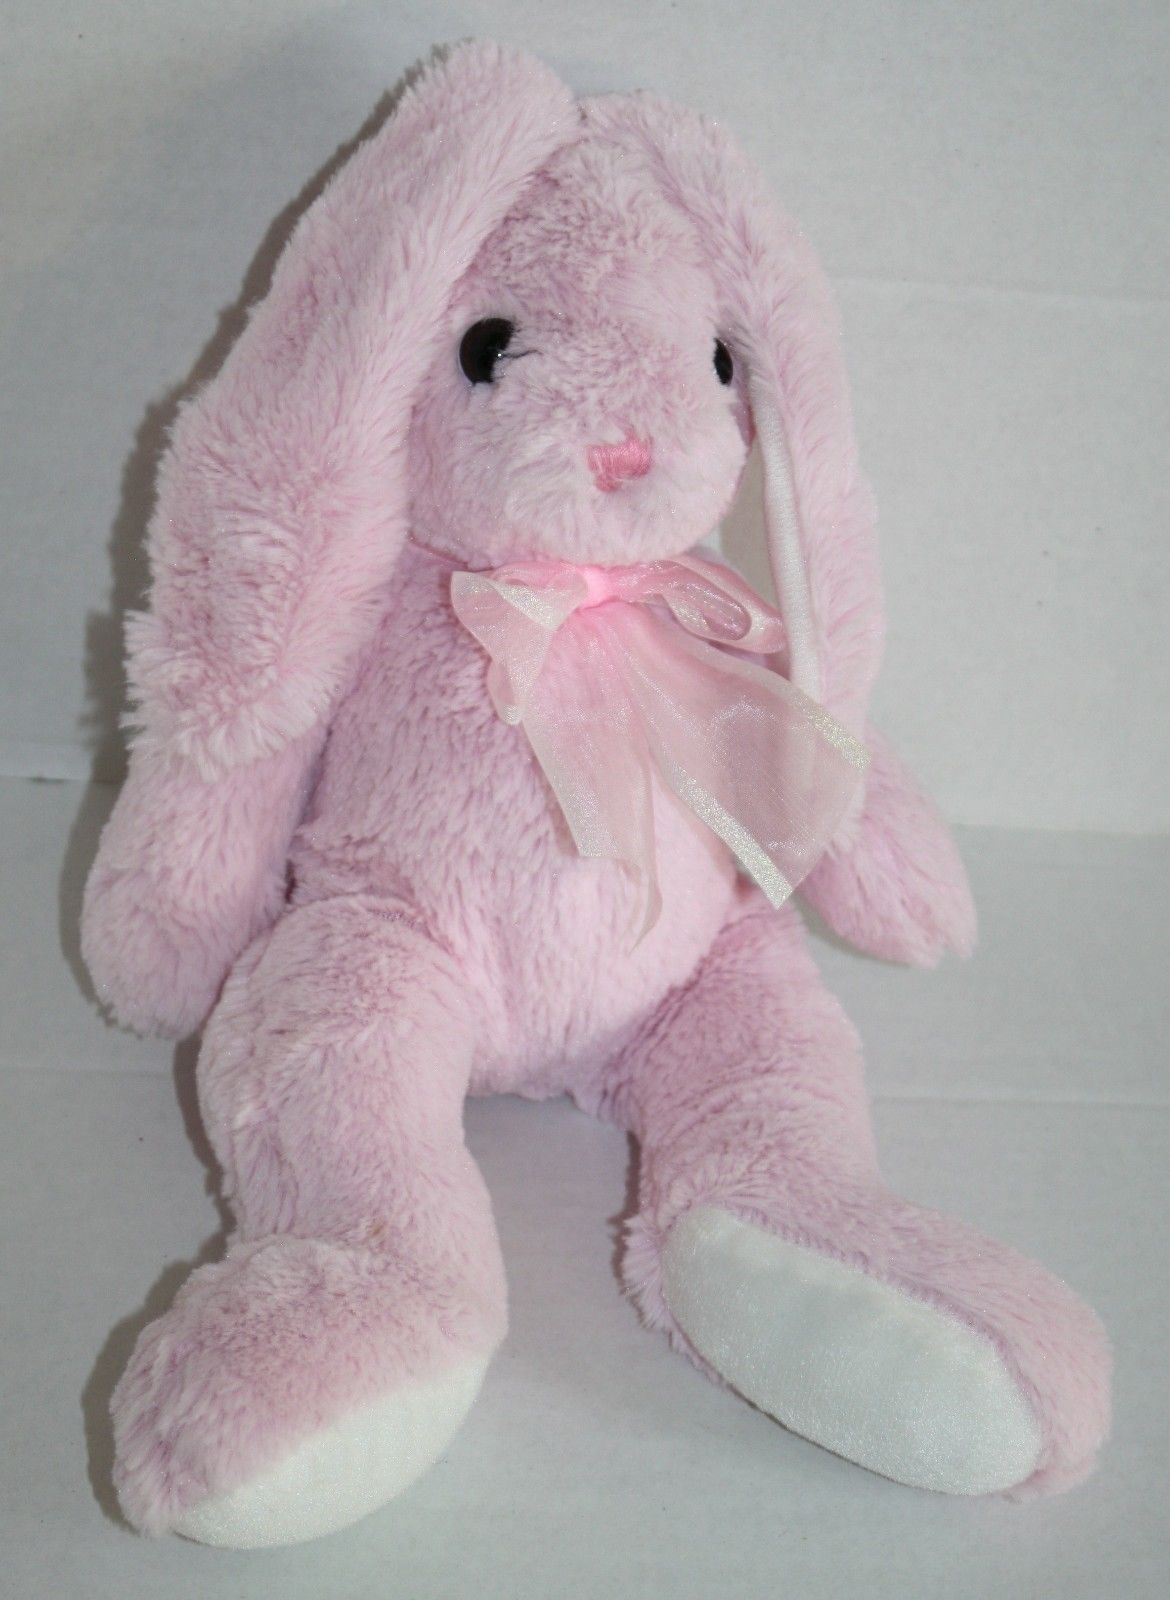 Red Bandana Stuffed Animal Bunny